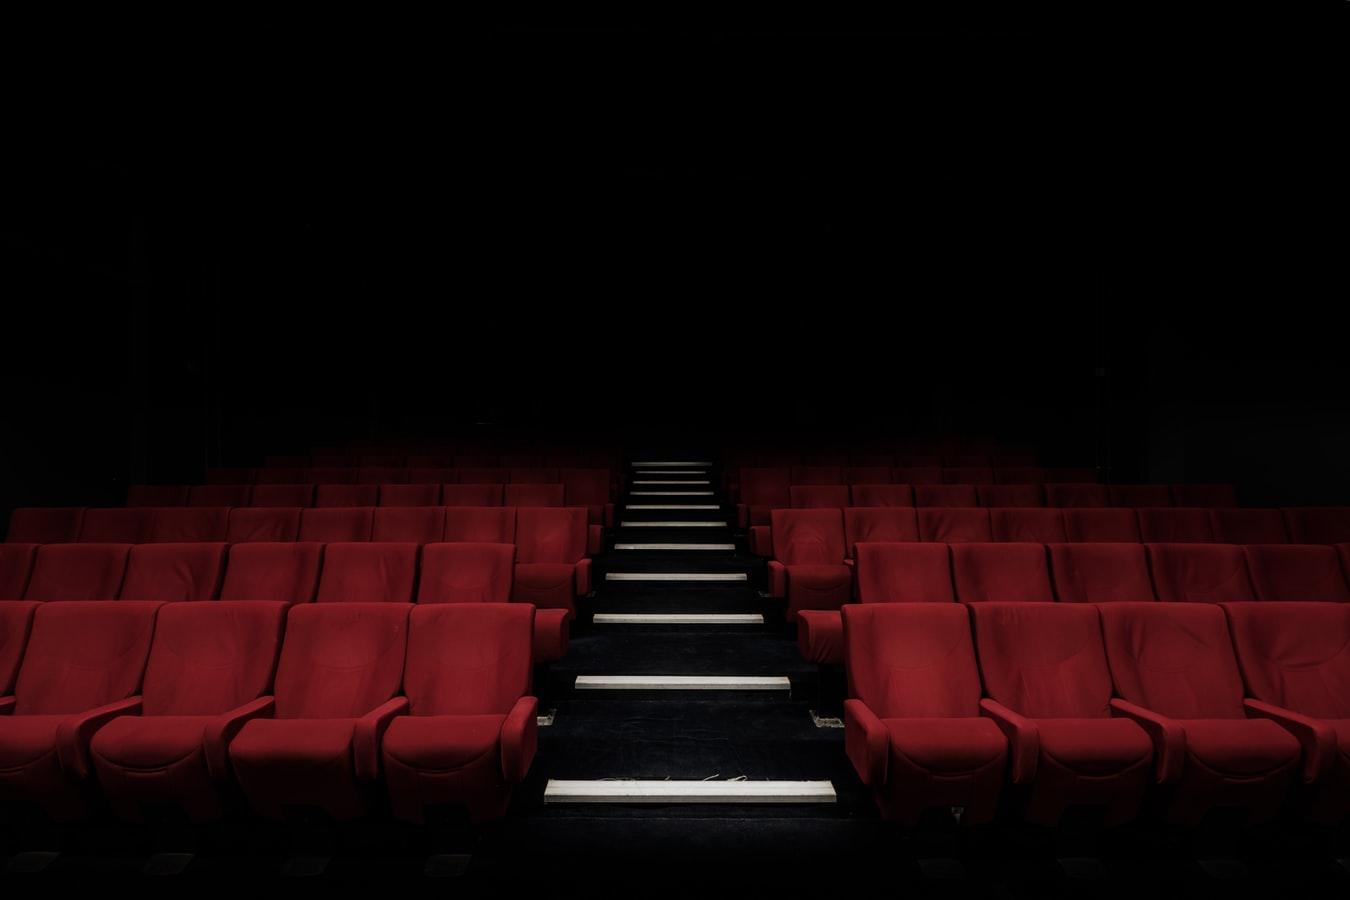 ¡Los cines ya abrieron en CDMX! Así operarán a partir de ahora